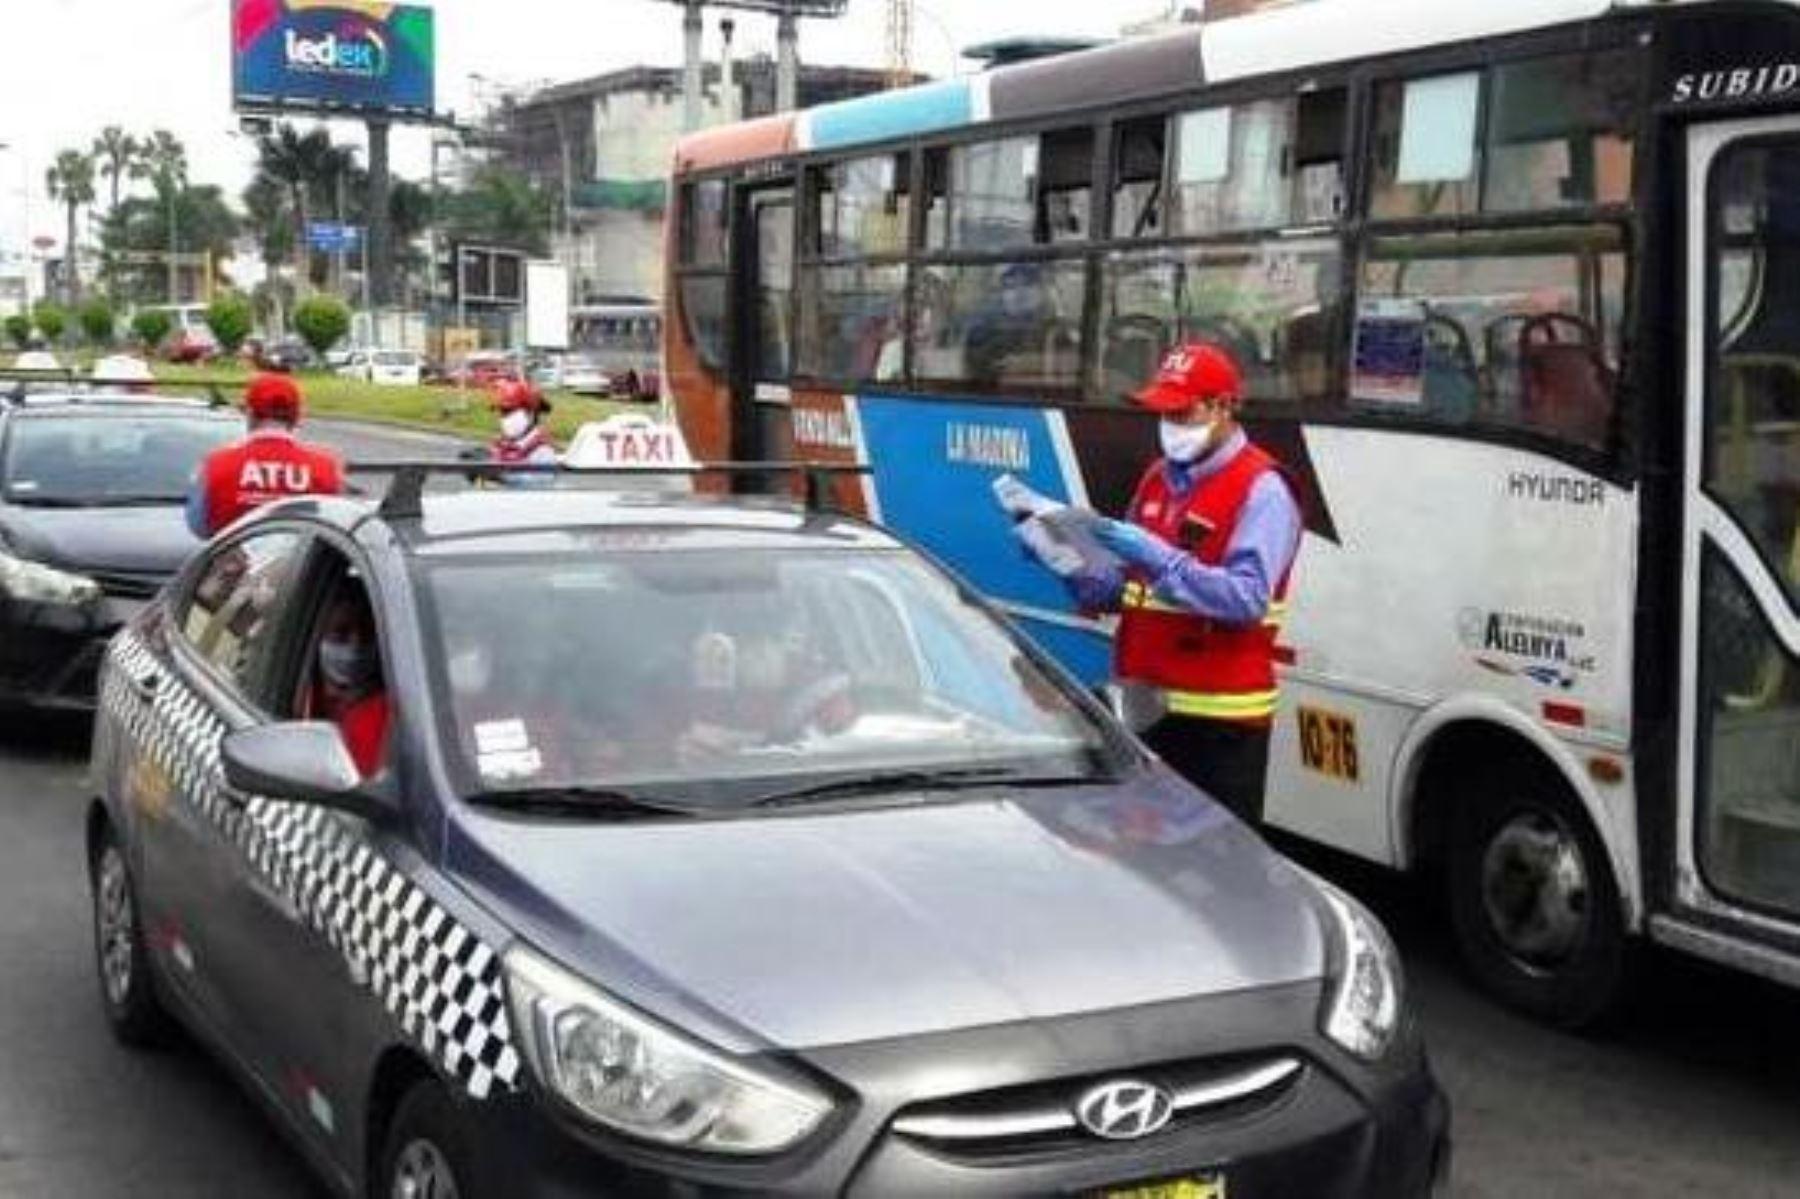 Transporte urbano movilizará los domingos solo a quienes prestan labores esenciales. Foto: ANDINA/difusión.